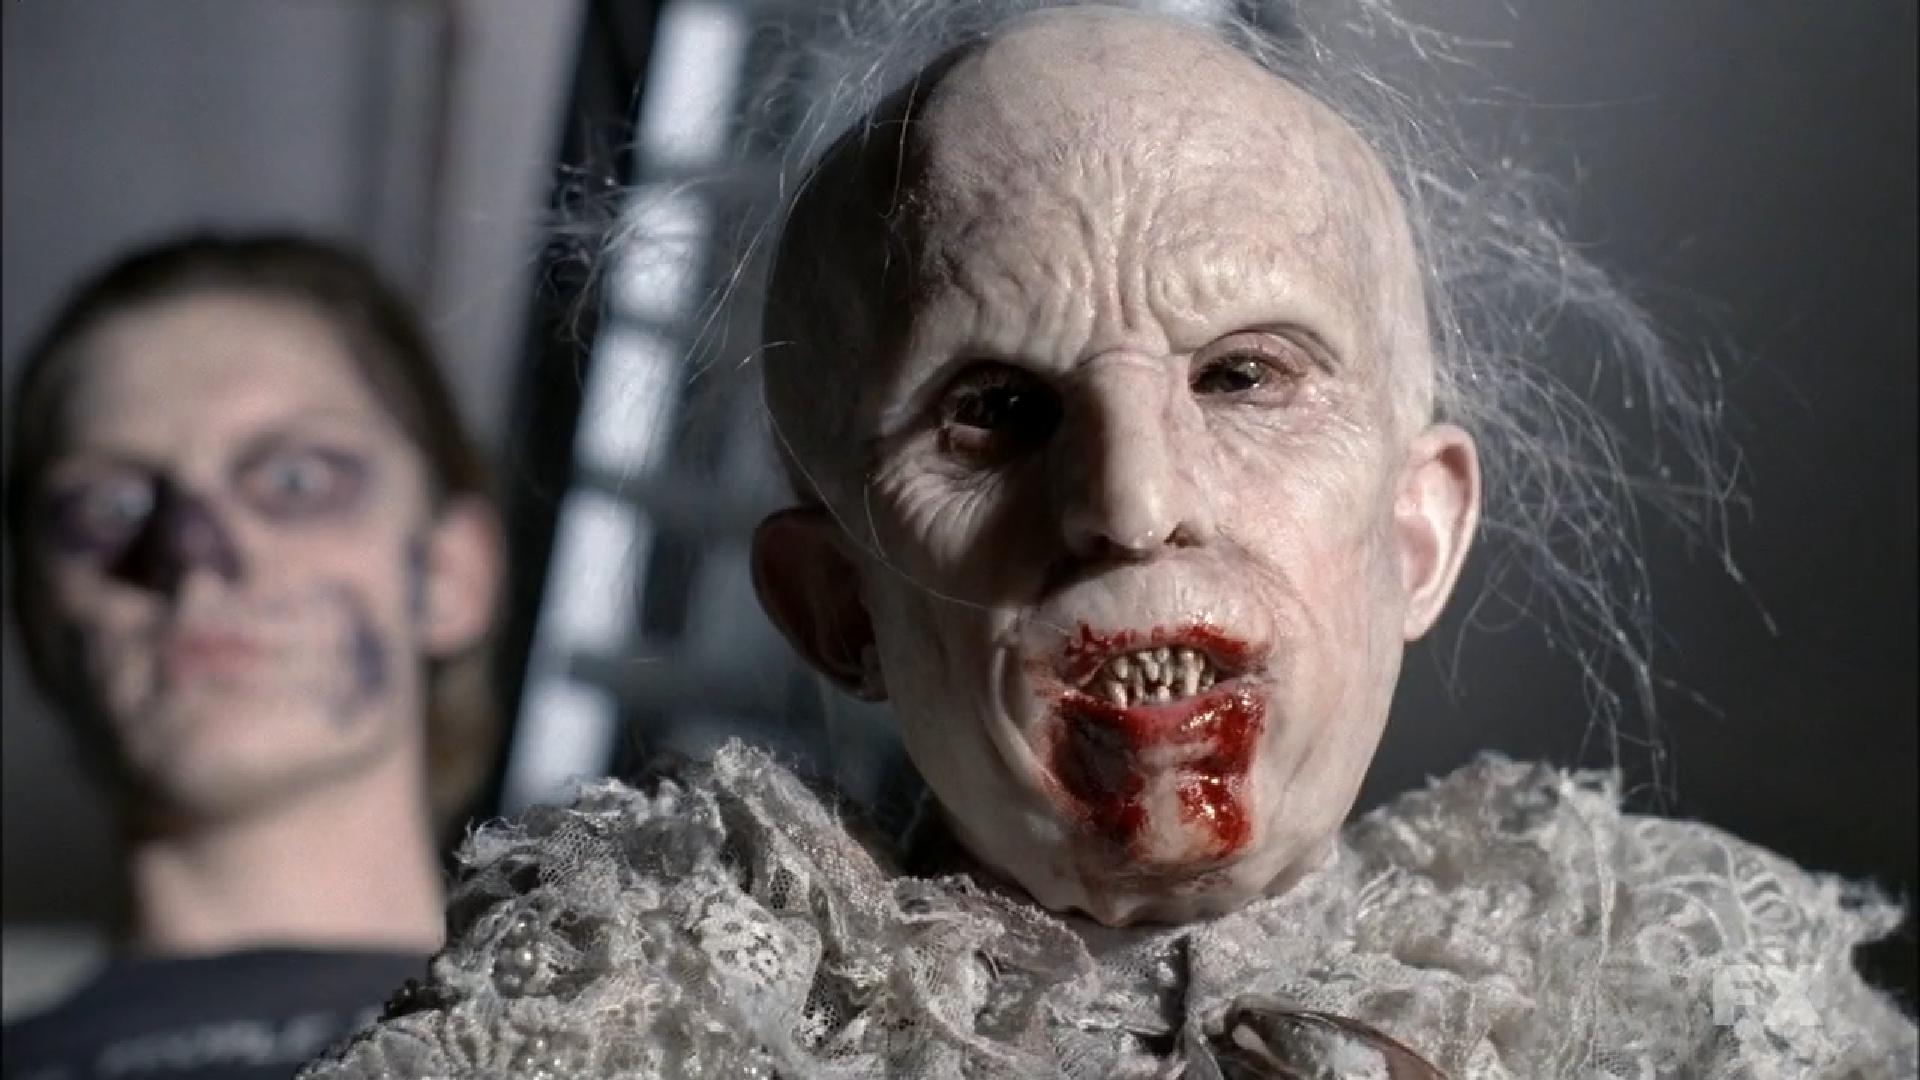 HD American Horror Story Thriller Dark Evil Vampire